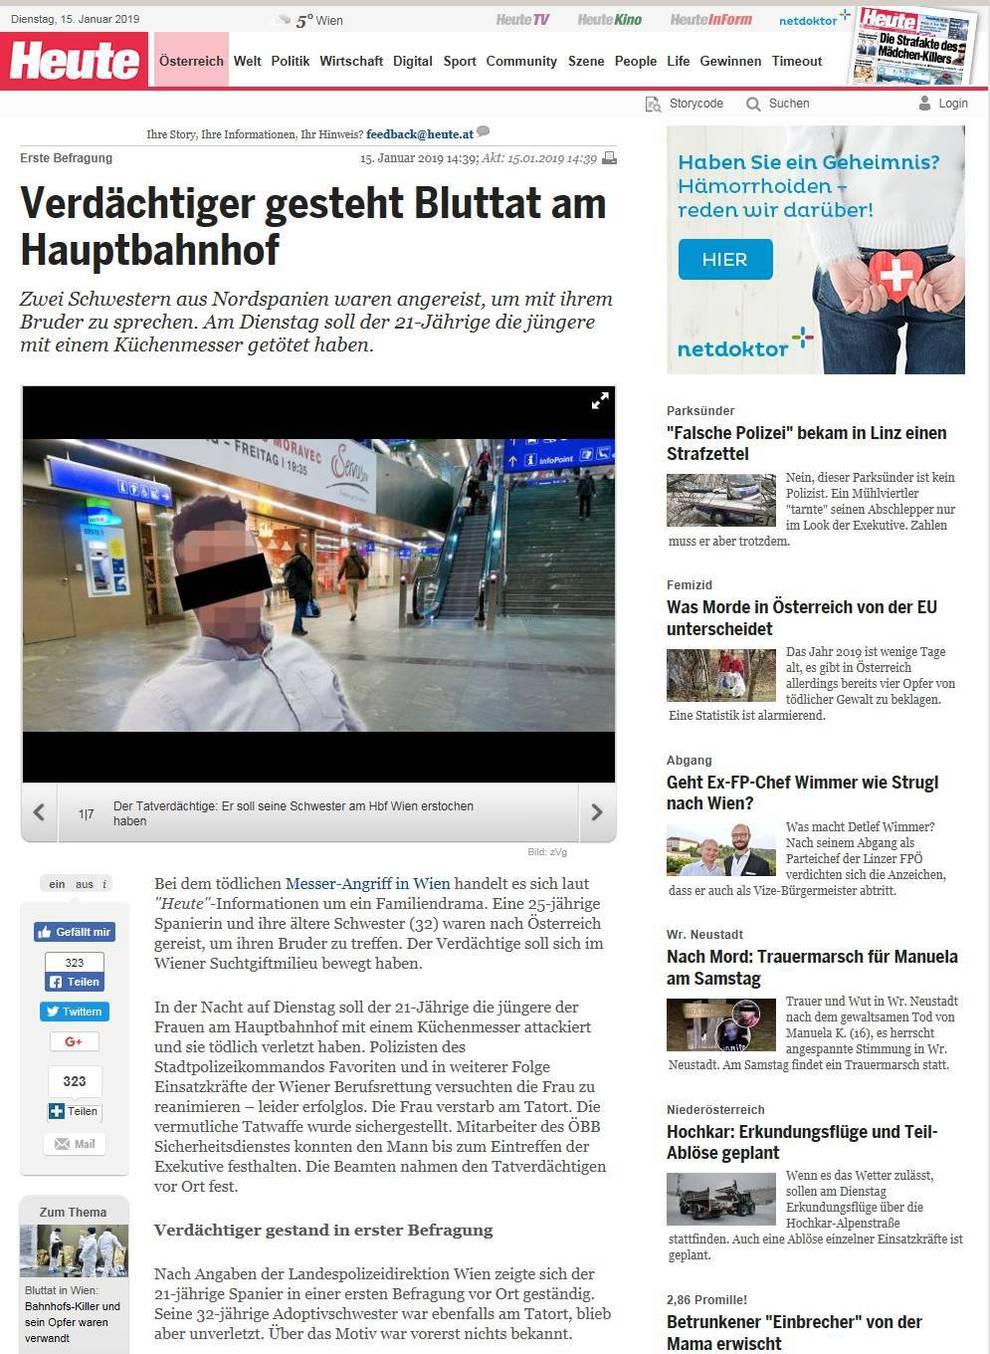 La noticia del crimen, portada este martes de los medios austriacos.